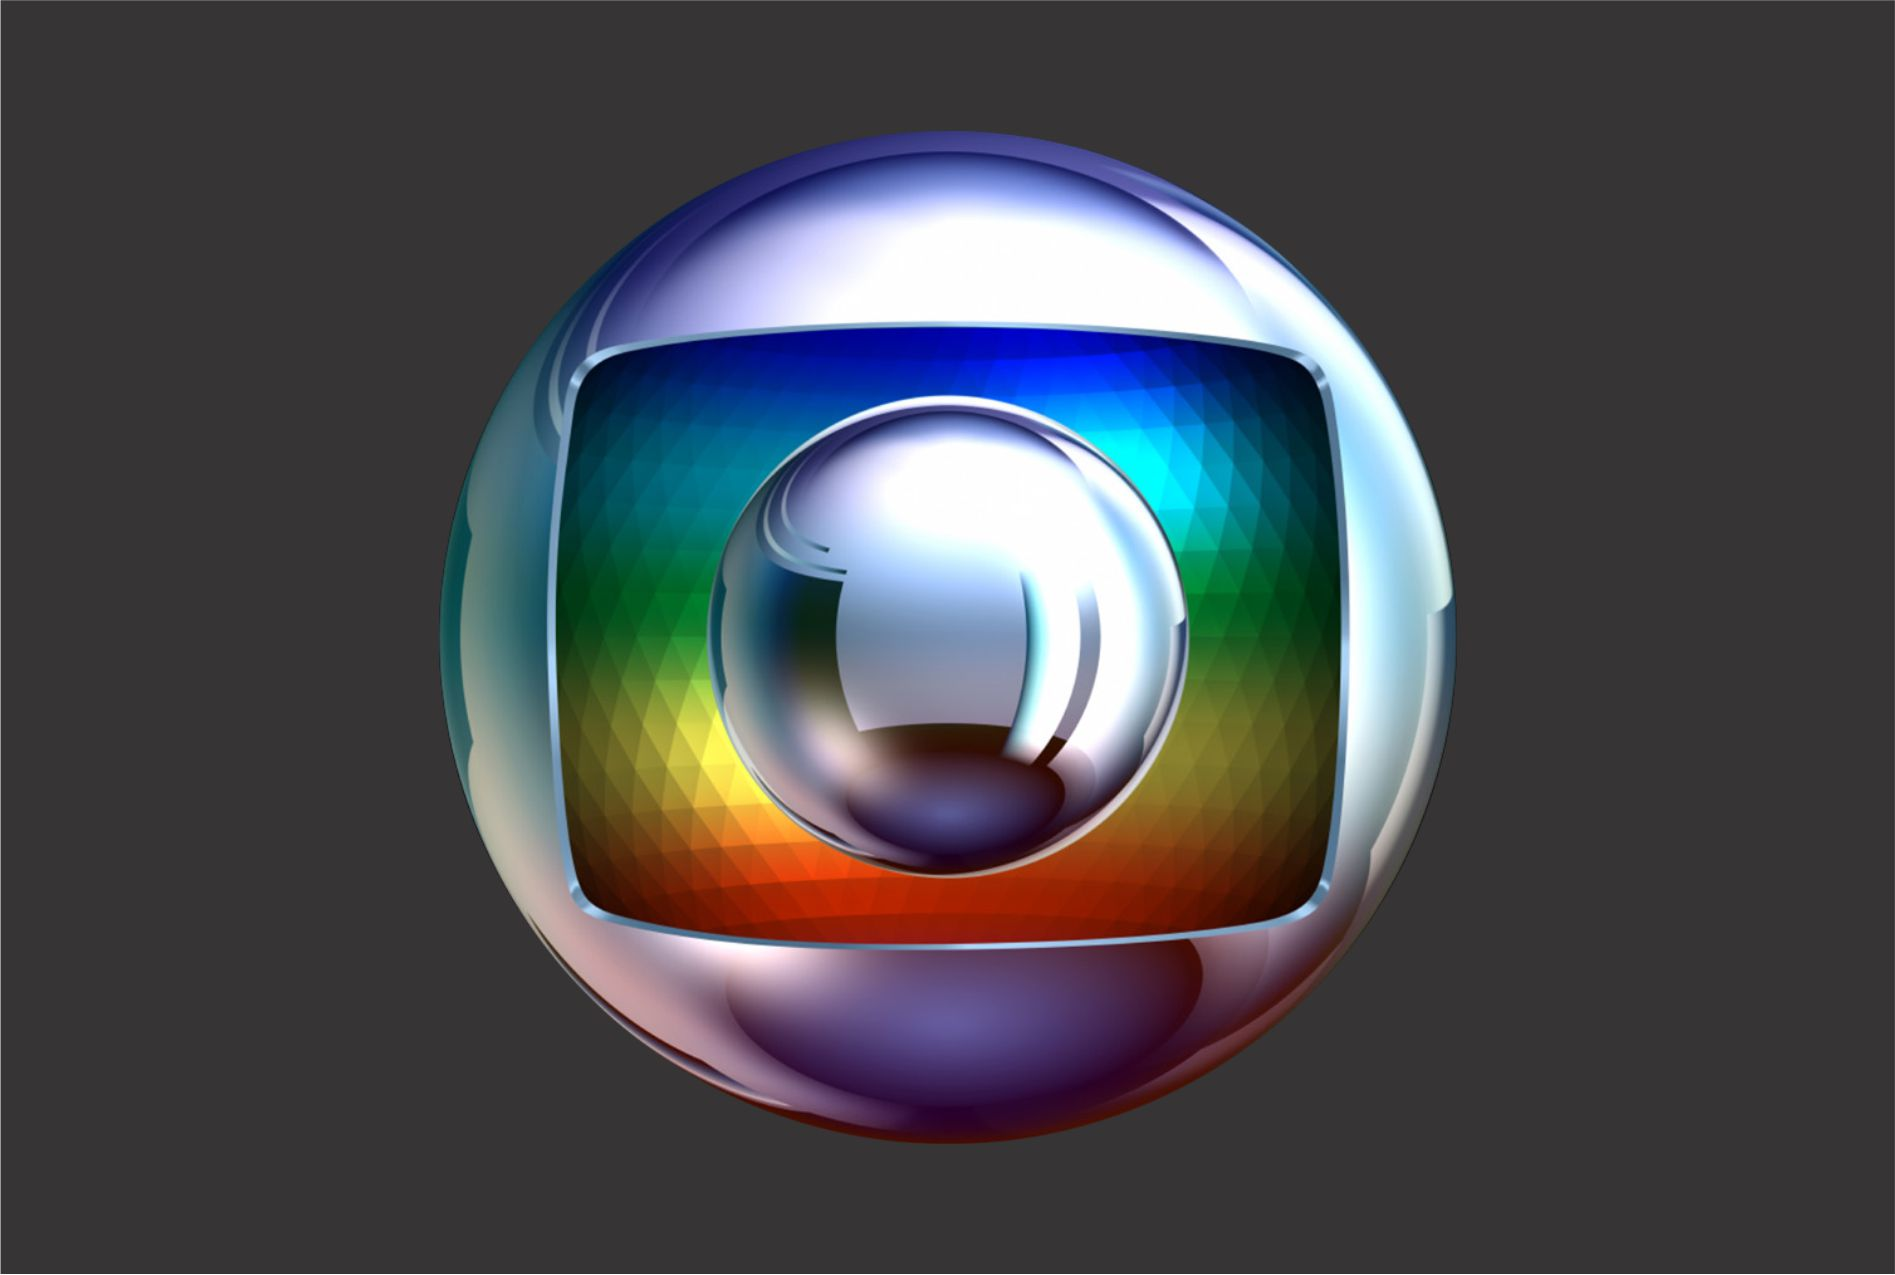 design-designer-impresso-grafica-centro-rj-rio-de-janeiro-logotipo-papelaria-folder-flyer-adesivo-sinalizacao-loja-rede-globo-televisão-tv